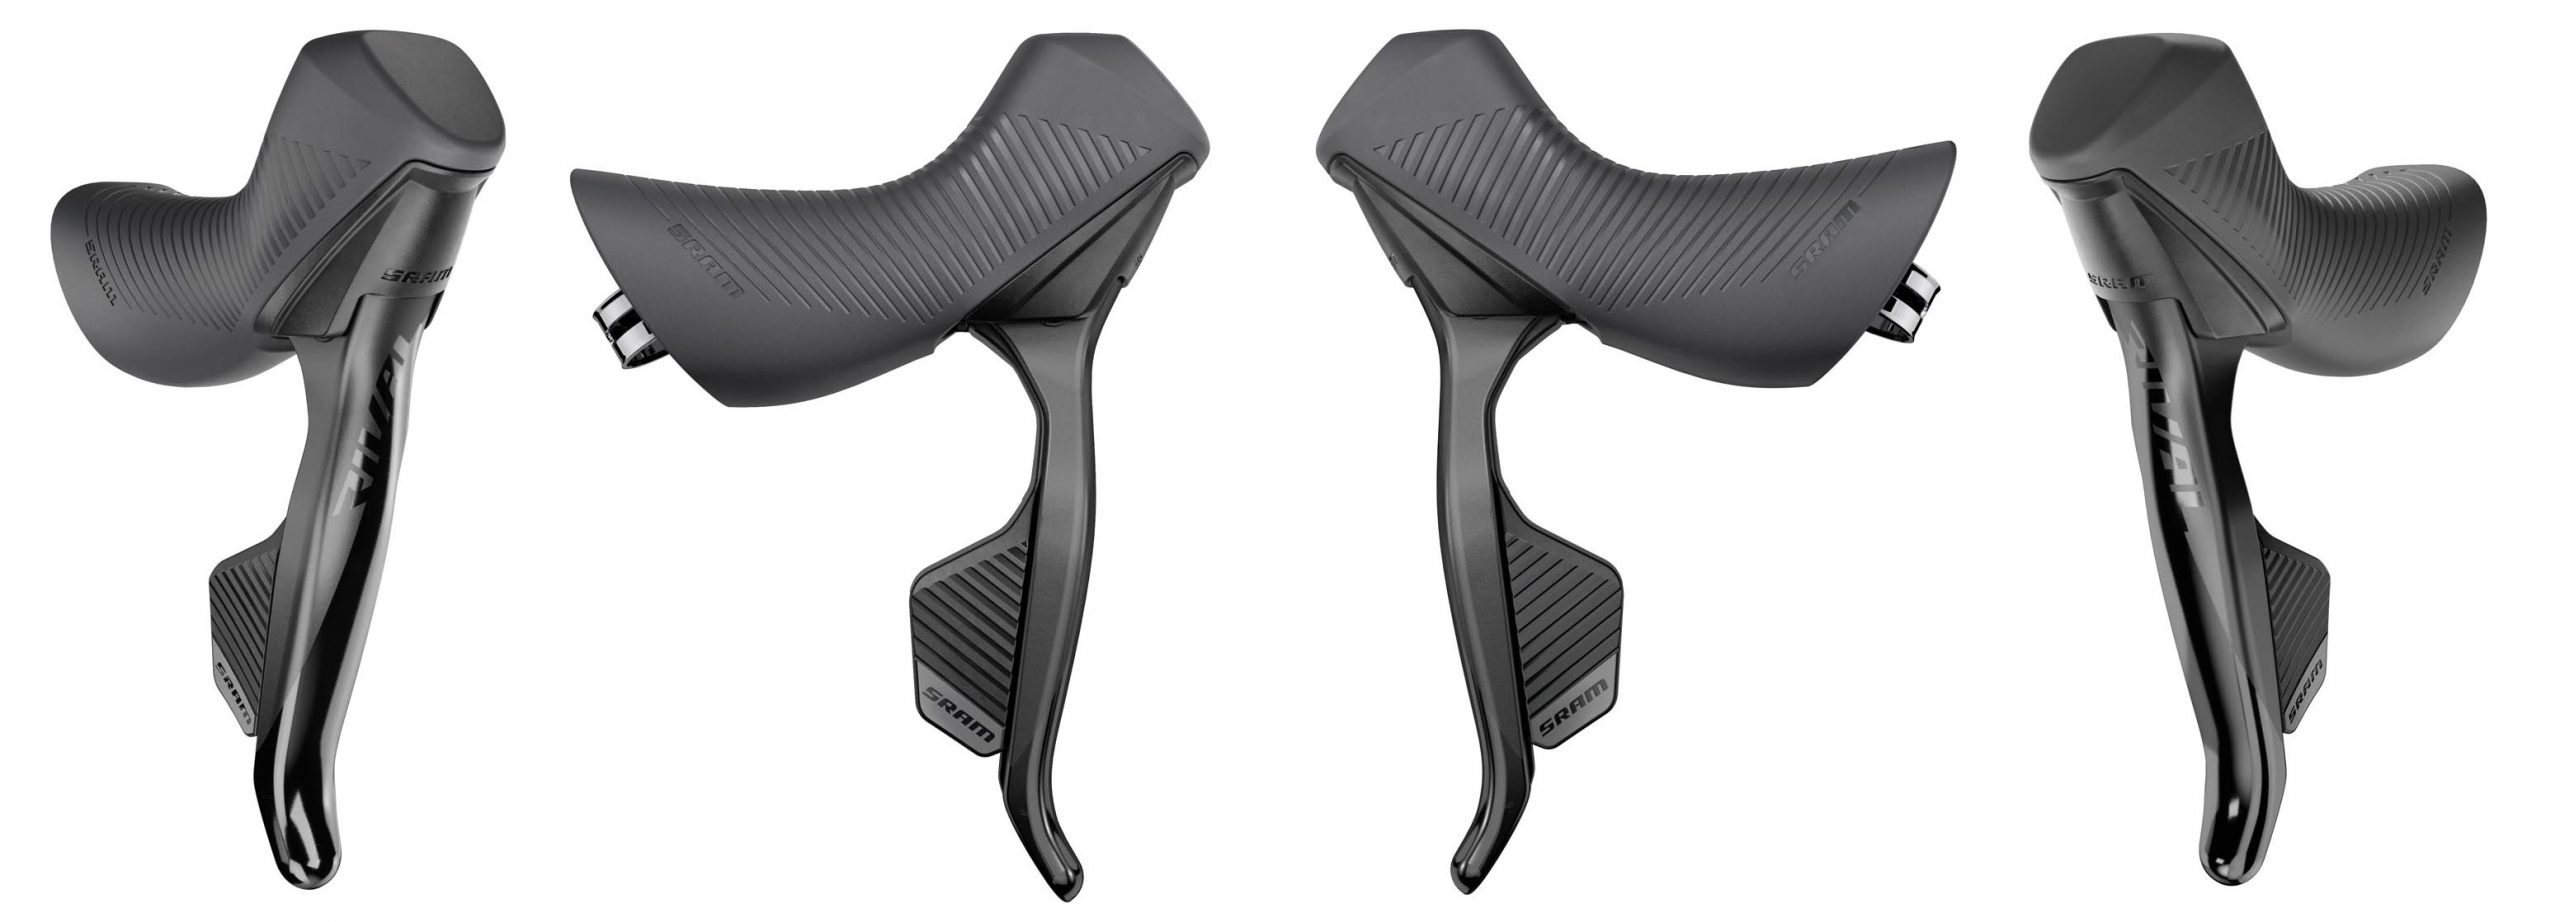 SRAM Rival eTap AXS shifter hood lineup